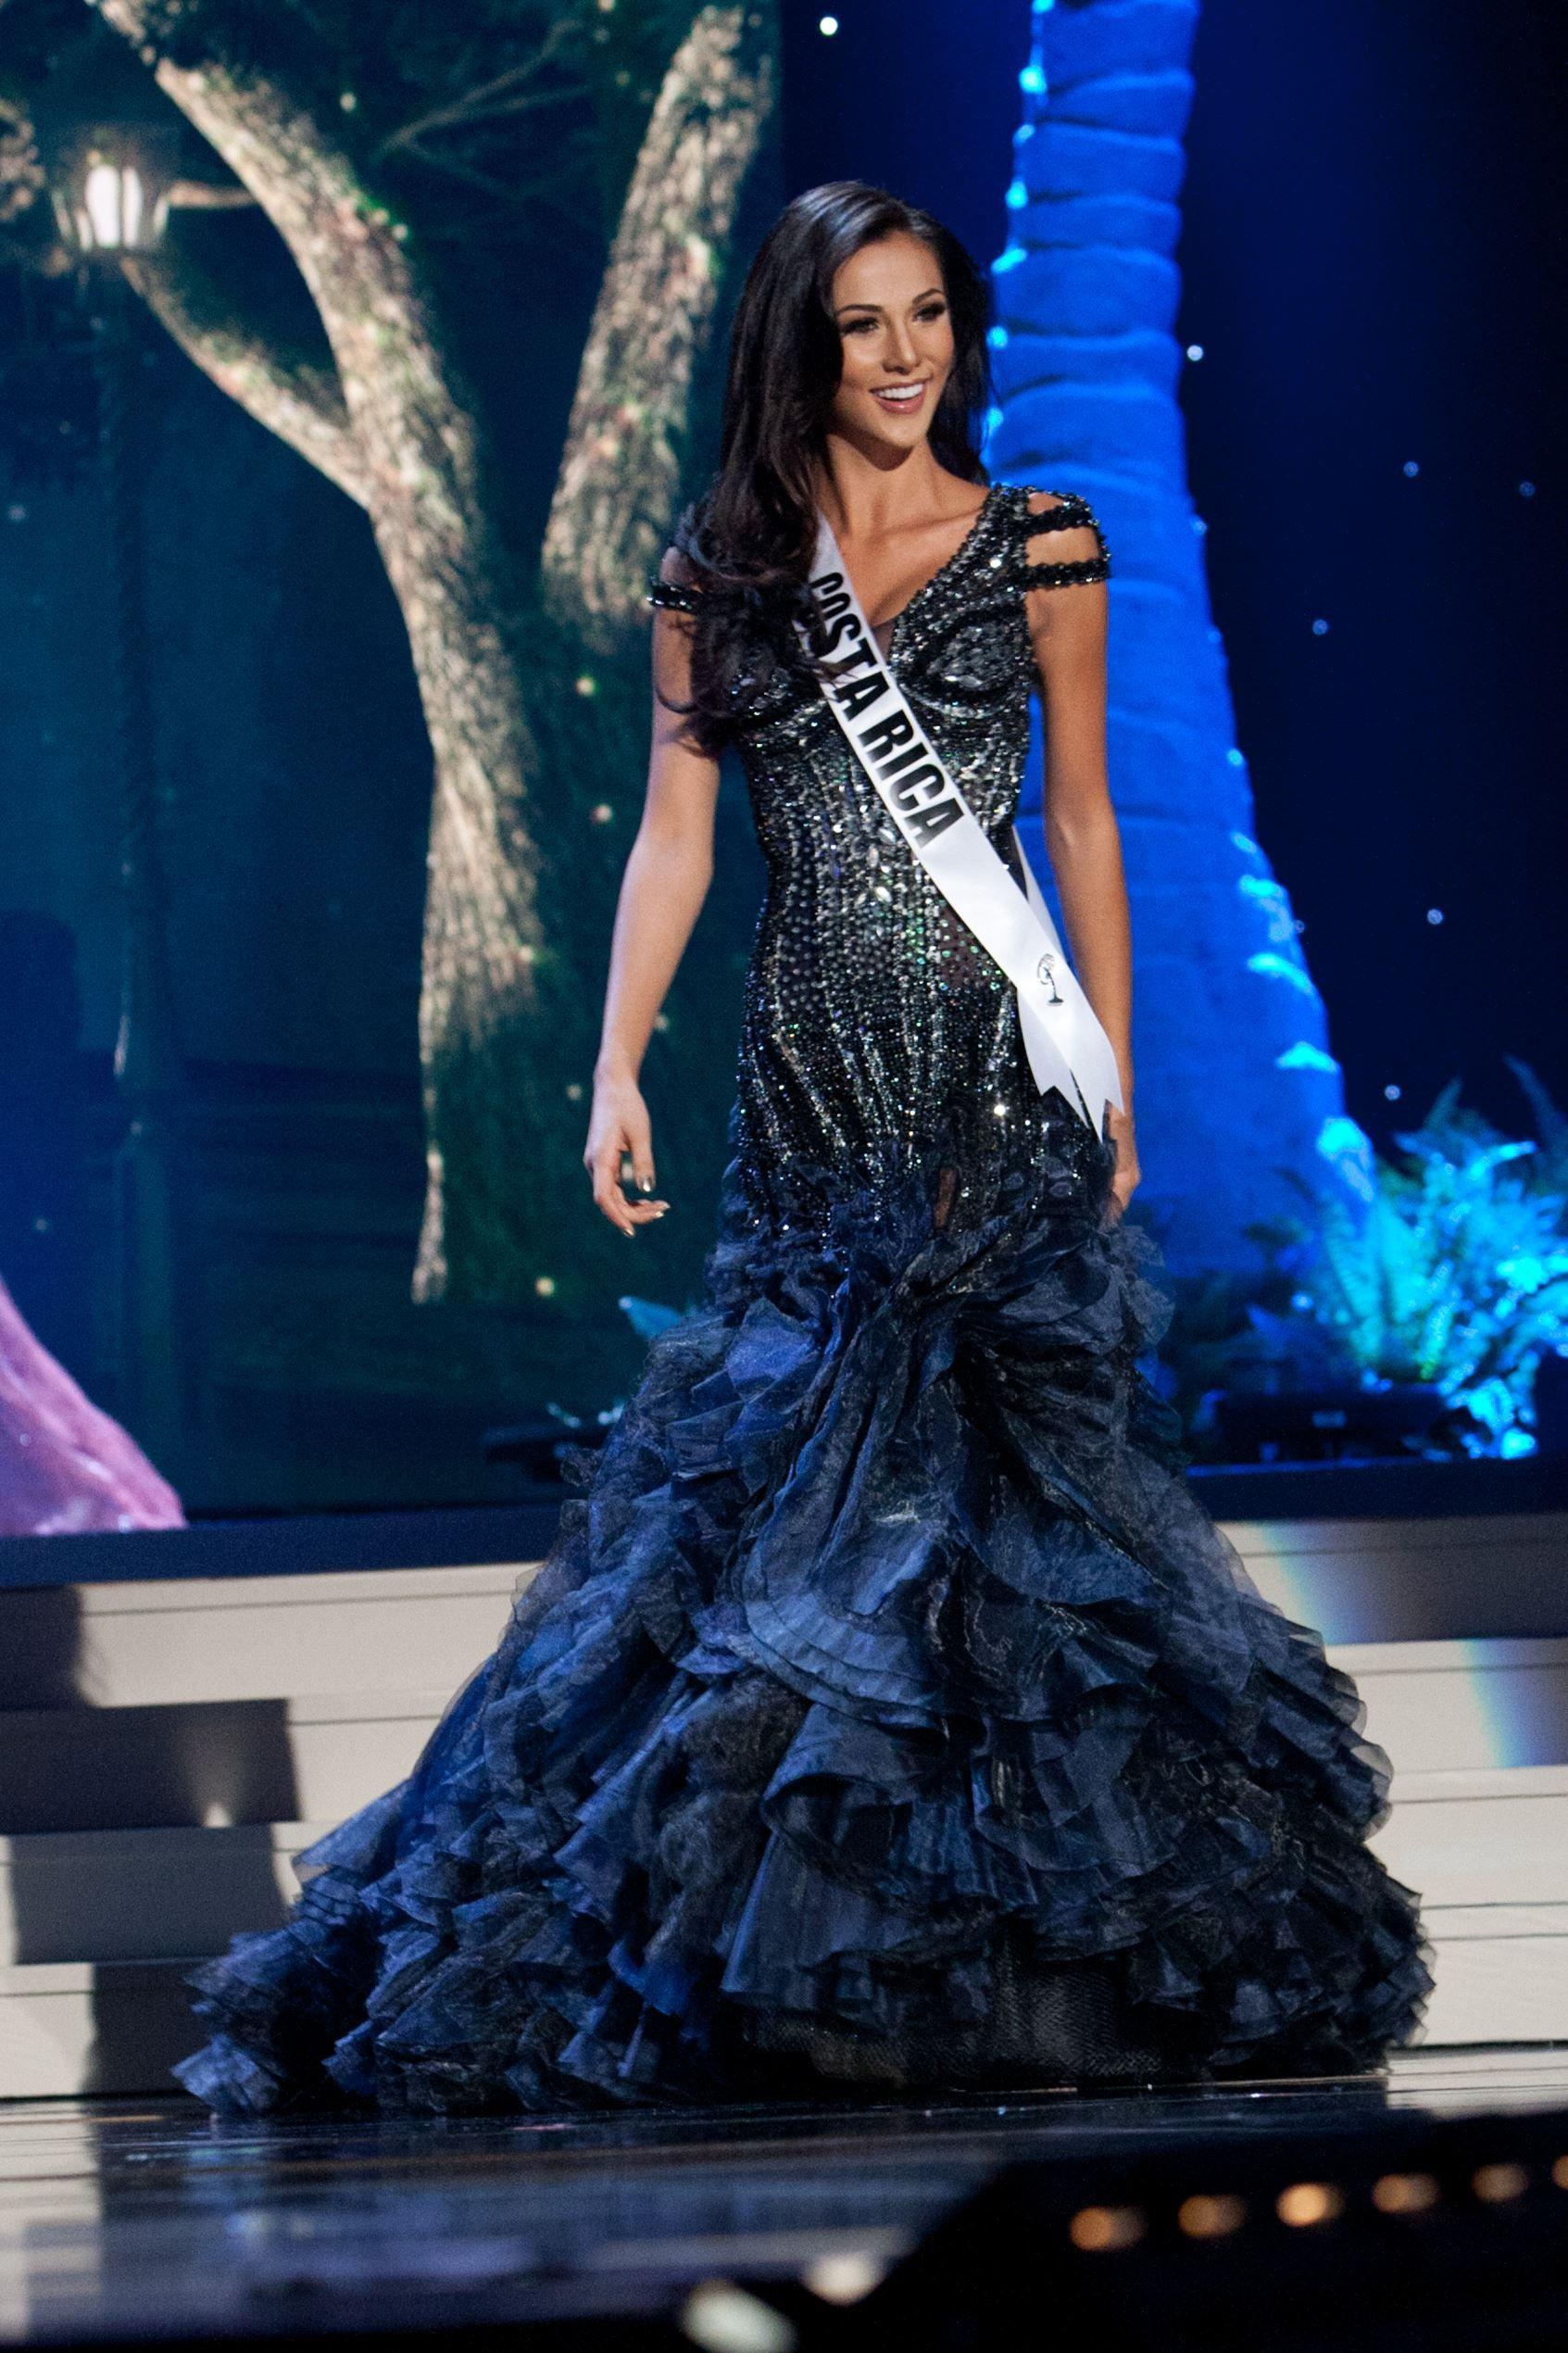 575ea6924 Miss Universo 2014  Competencia preliminar en traje de baño y vestido de  gala